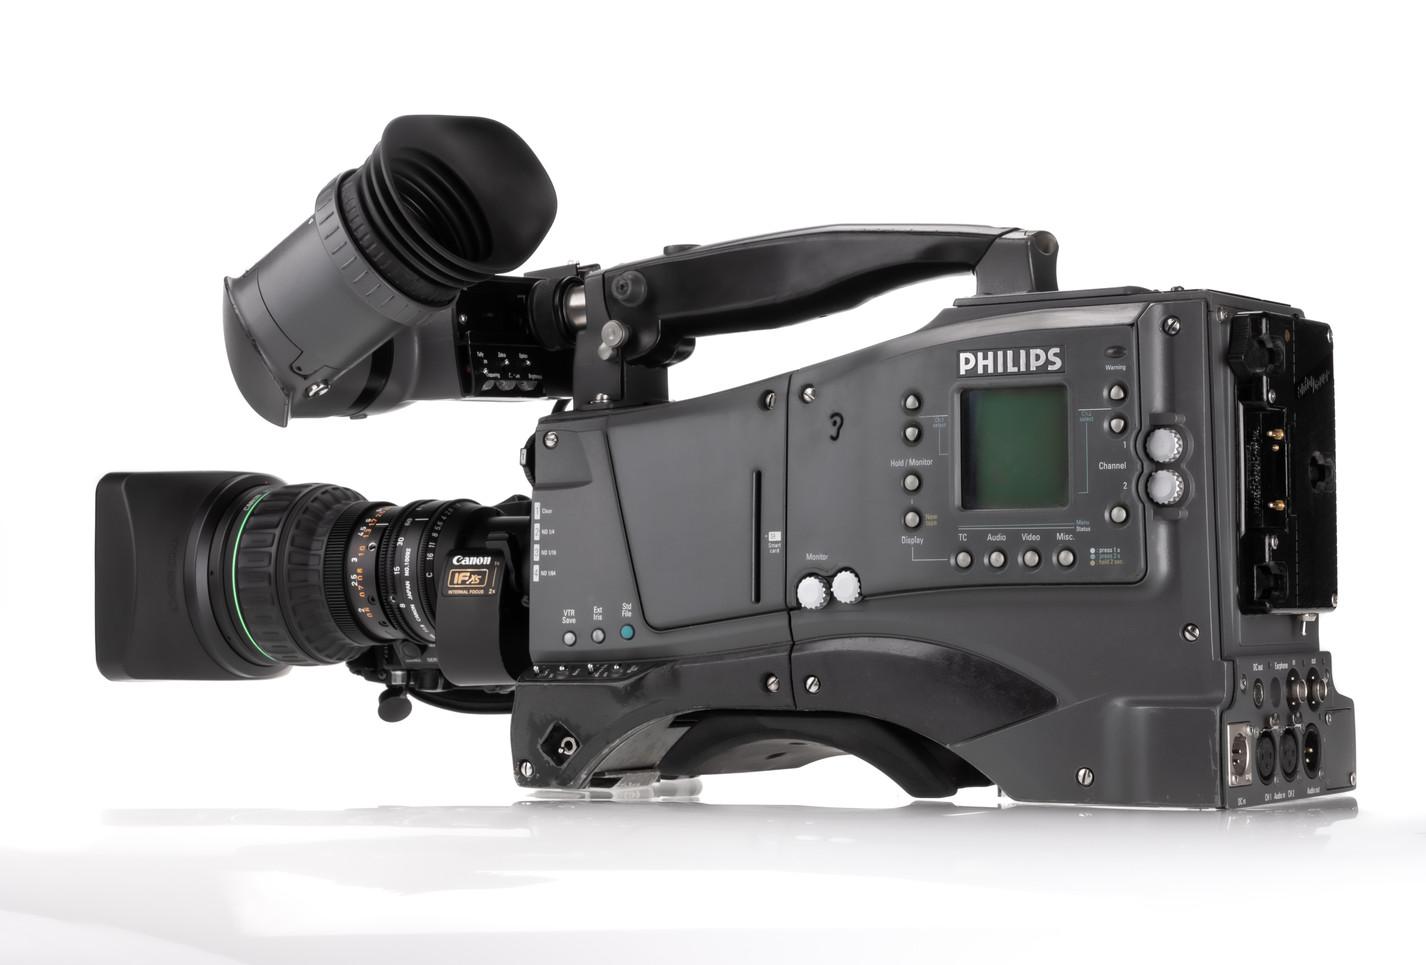 Philips LDK-120 (LDK-110 IT + DCR20 - 3.